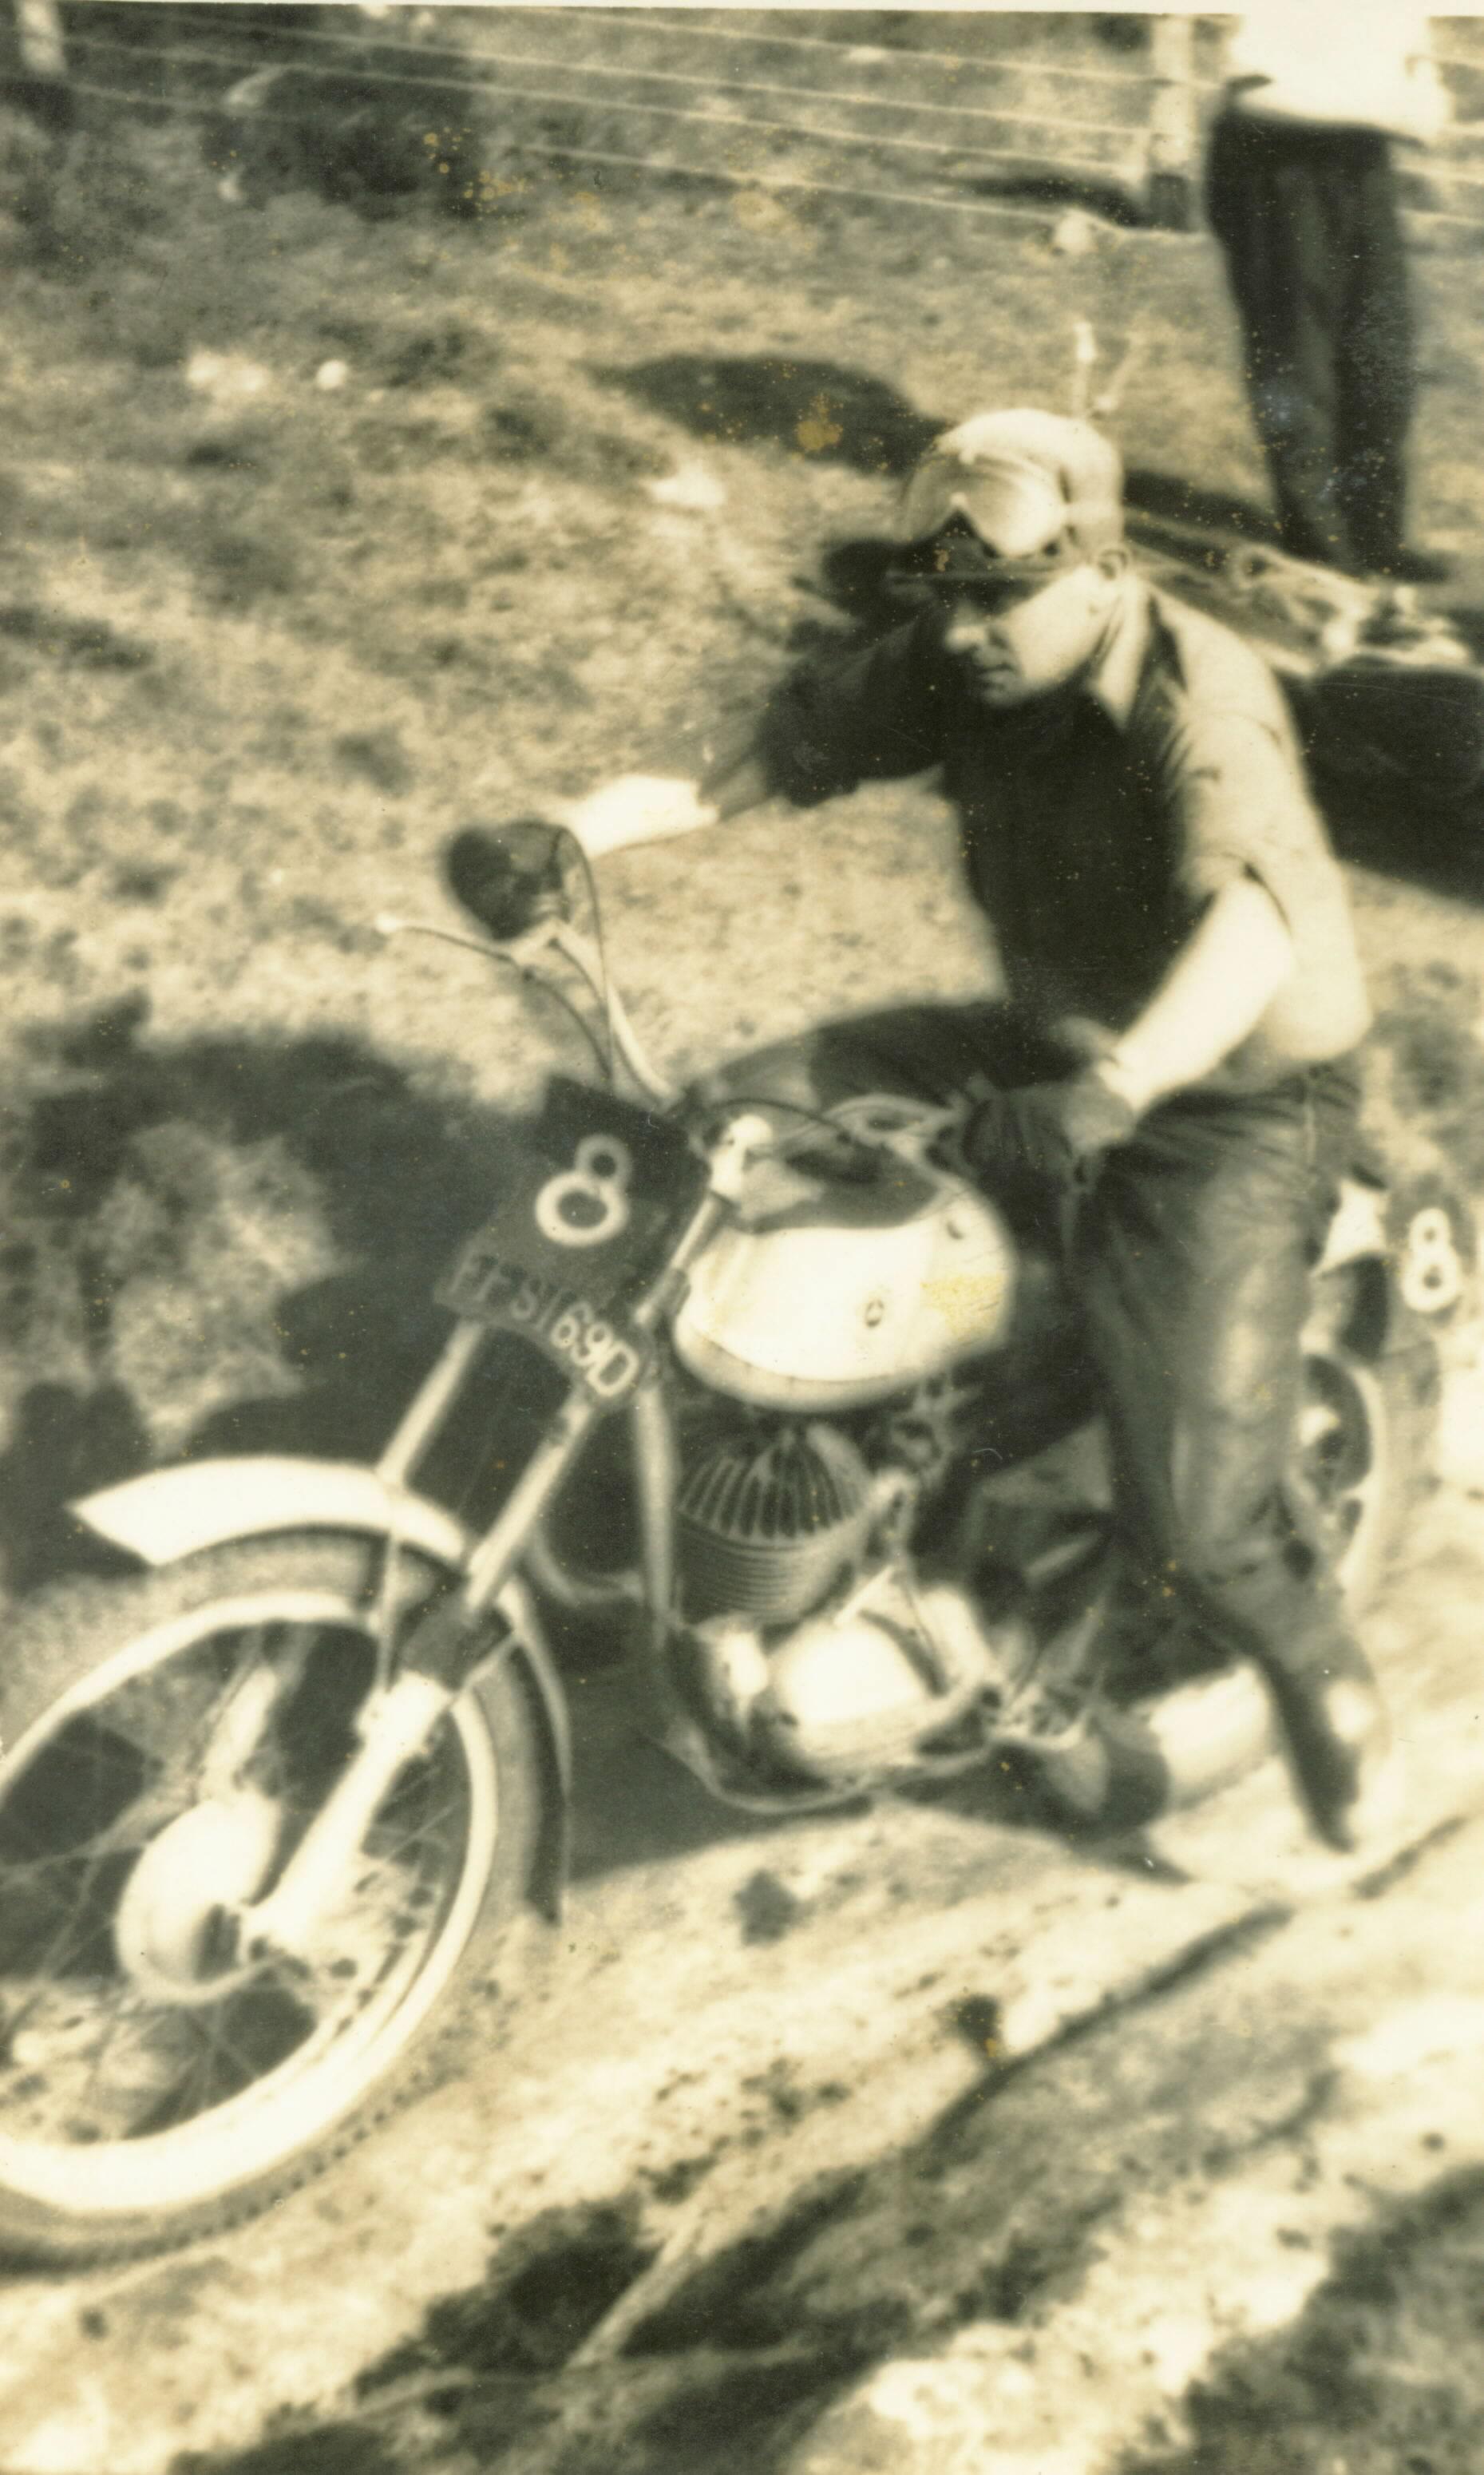 john-little-bultaco-sonnys-1967